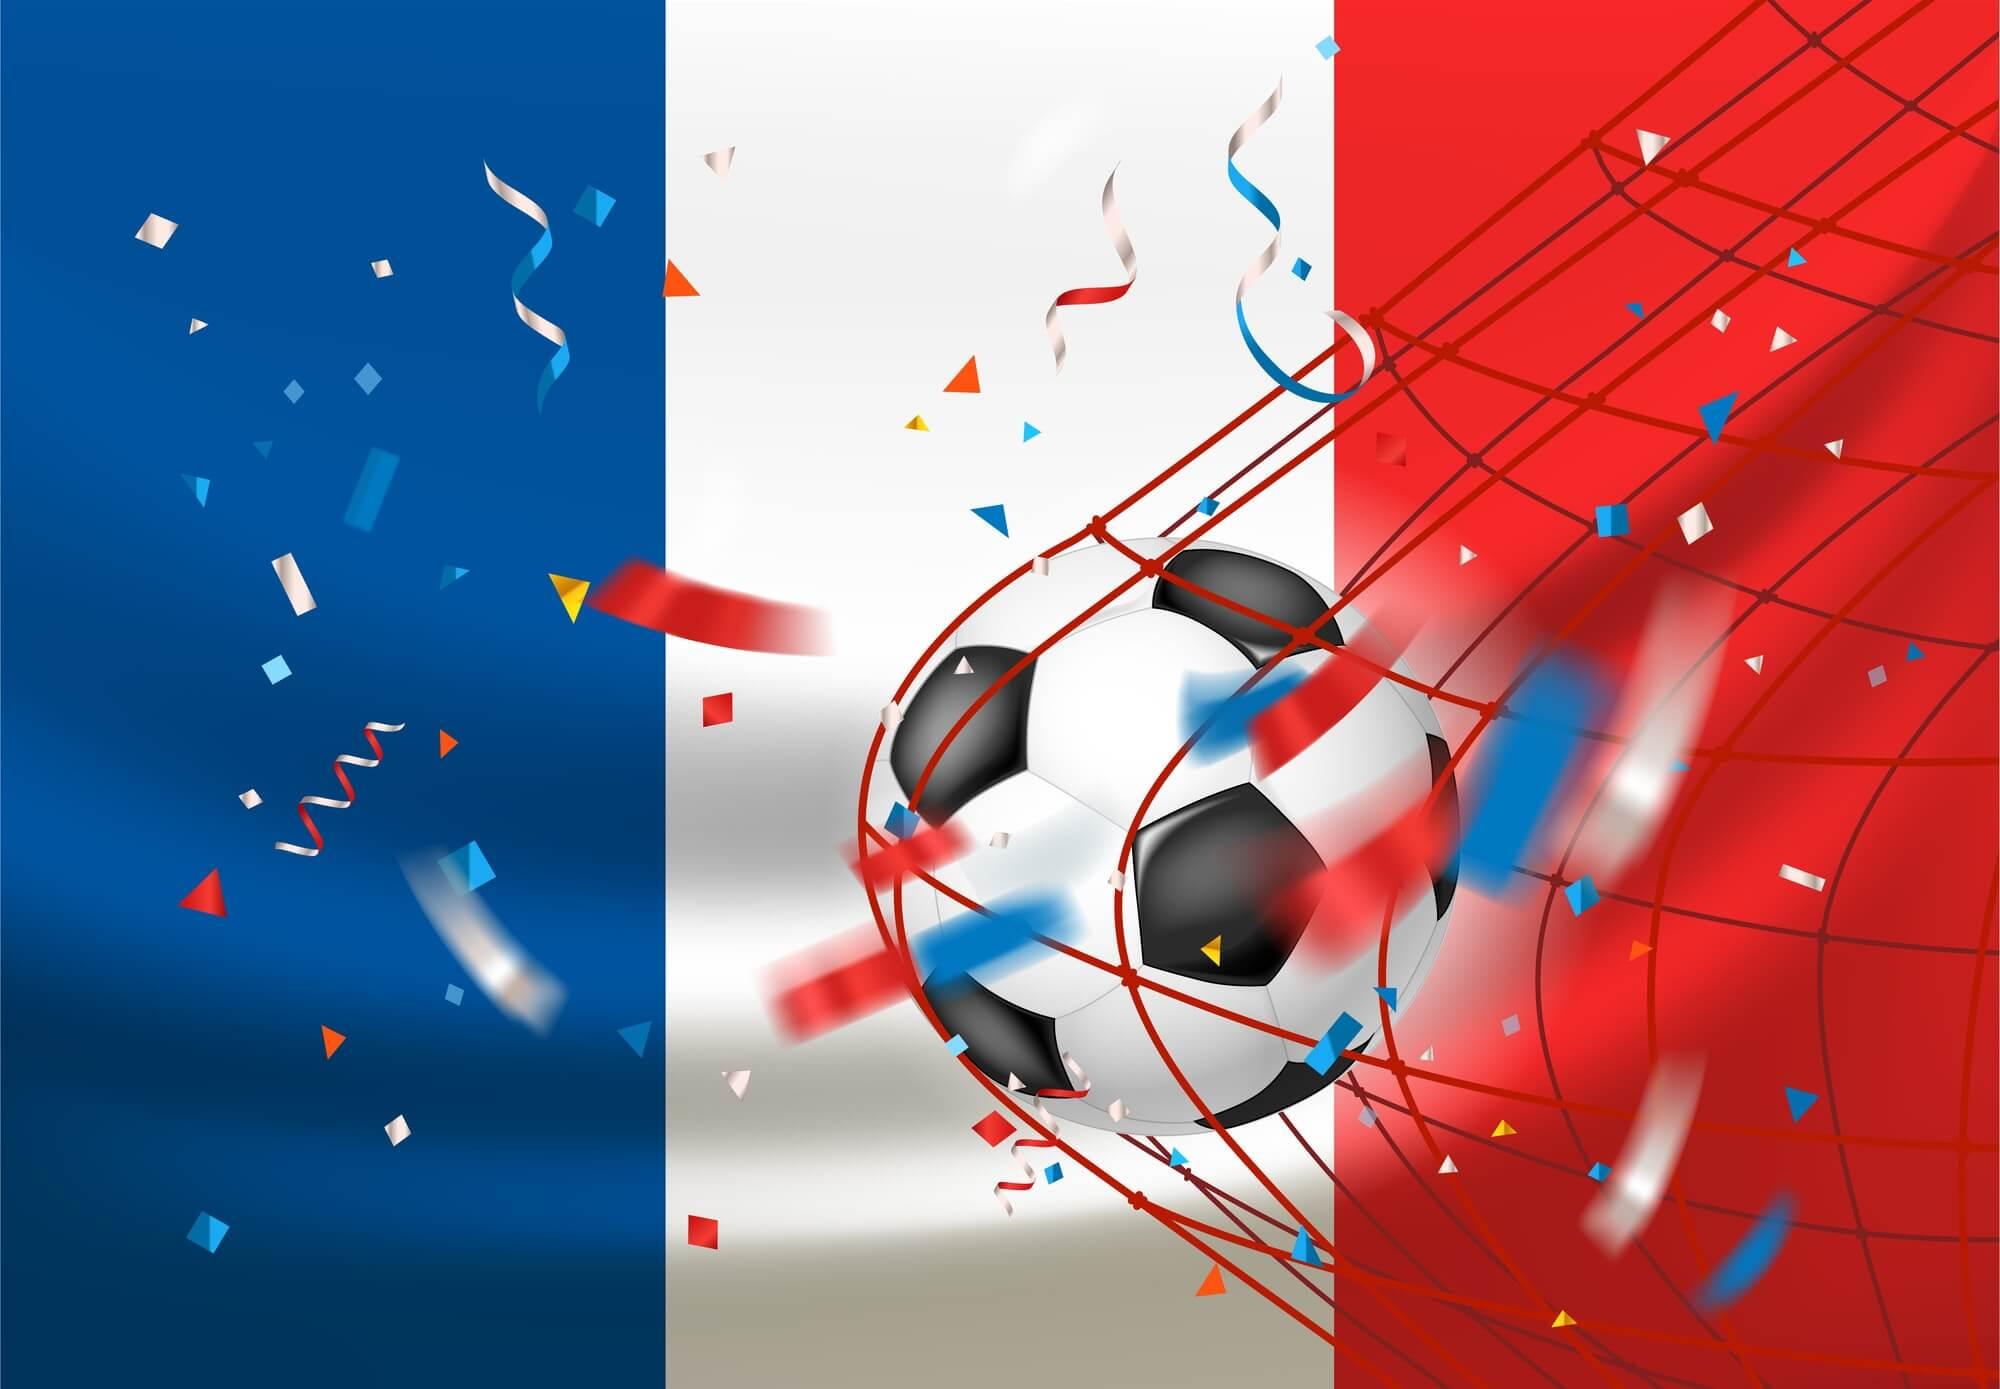 「祝W杯フランス優勝」というタイミングで「印刷とフランス」!?